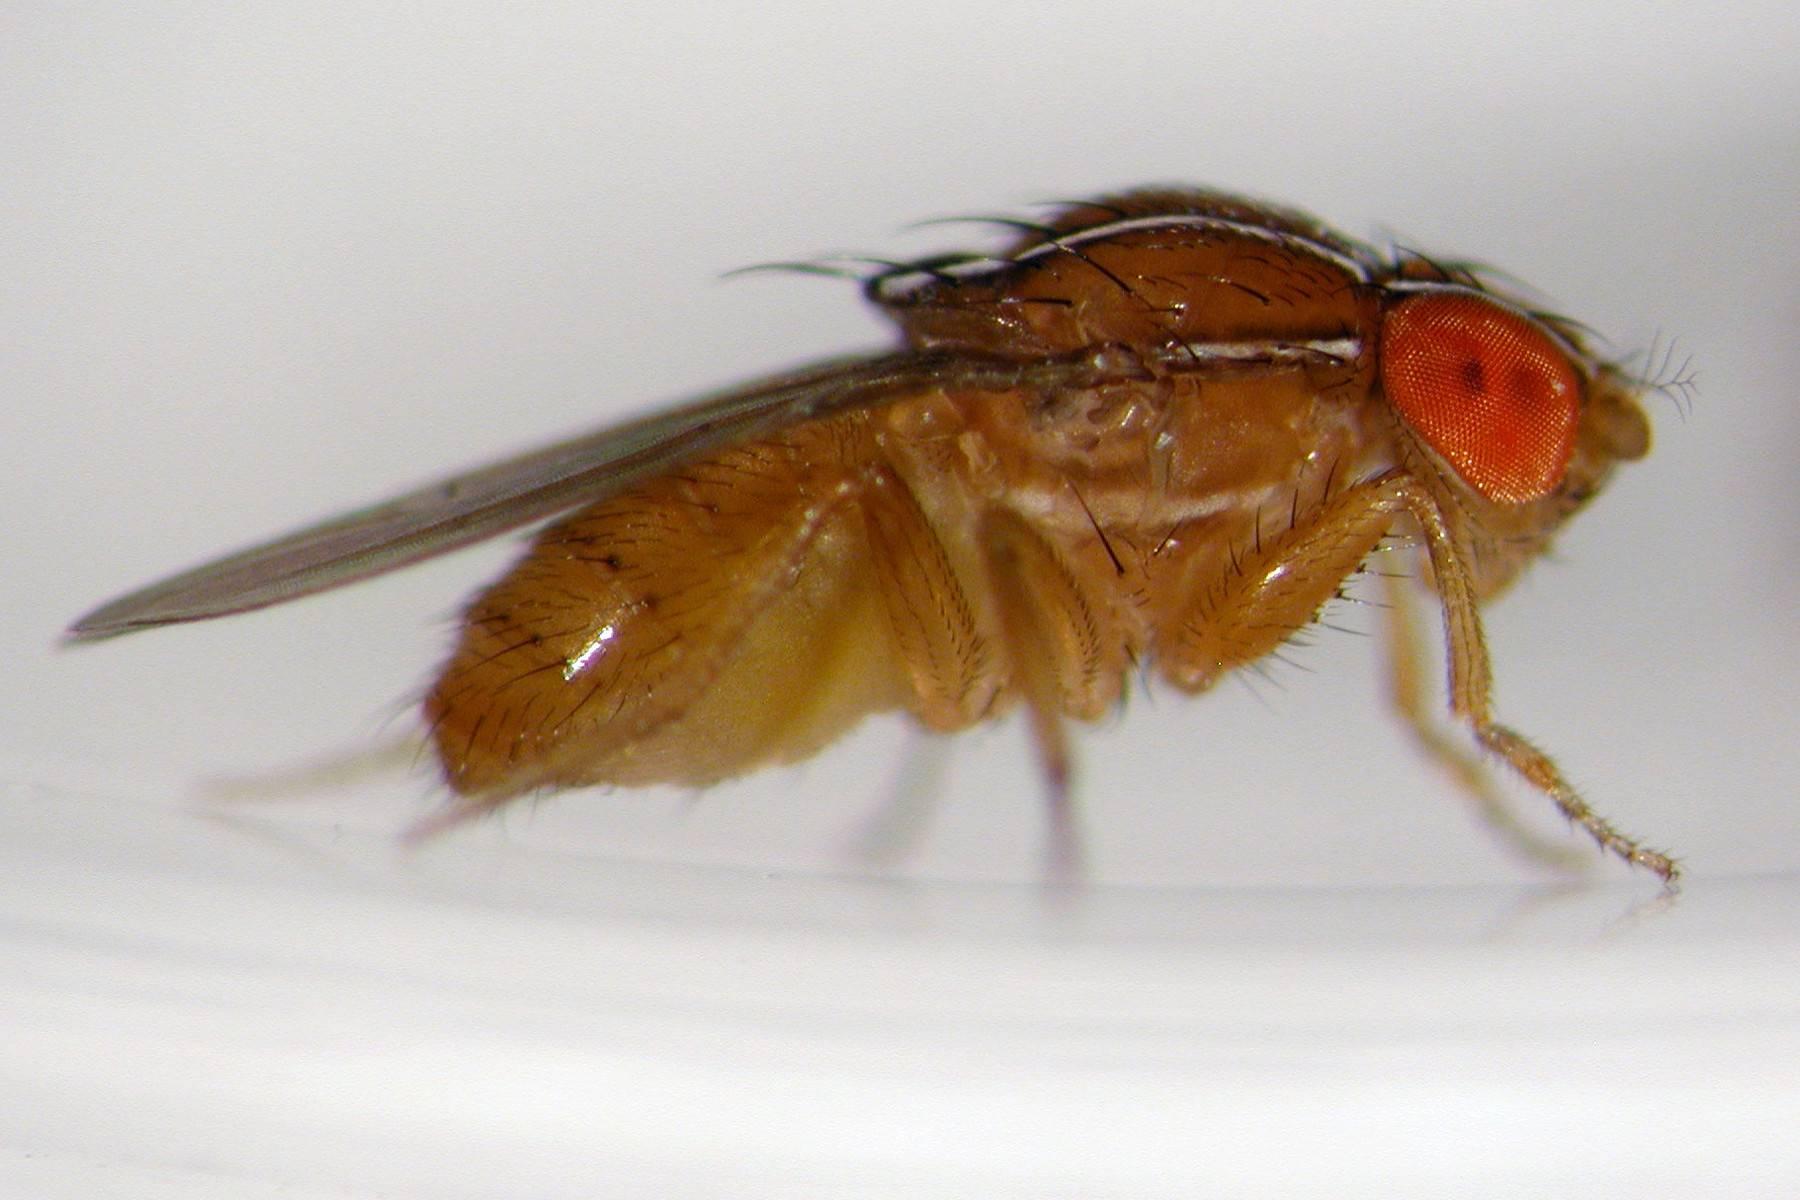 Как избавиться от мухи дрозофилы в доме. чем травить мошек. профилактика появления дрозофил.